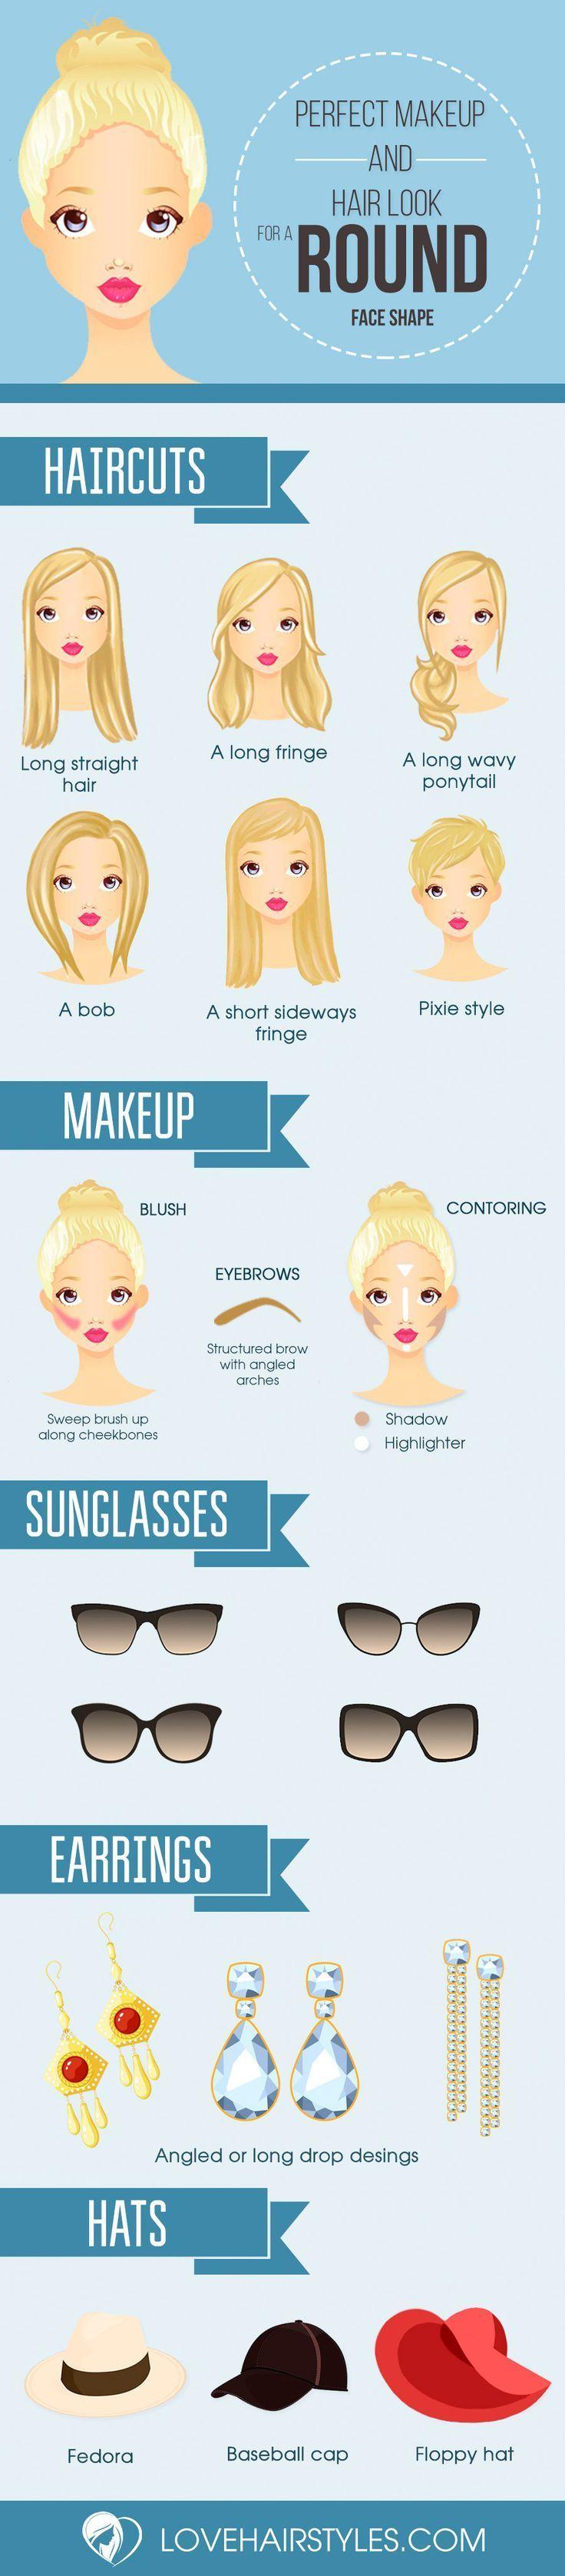 Probieren Sie diese besten Frisuren und Make-up für runde Gesichter. #besten